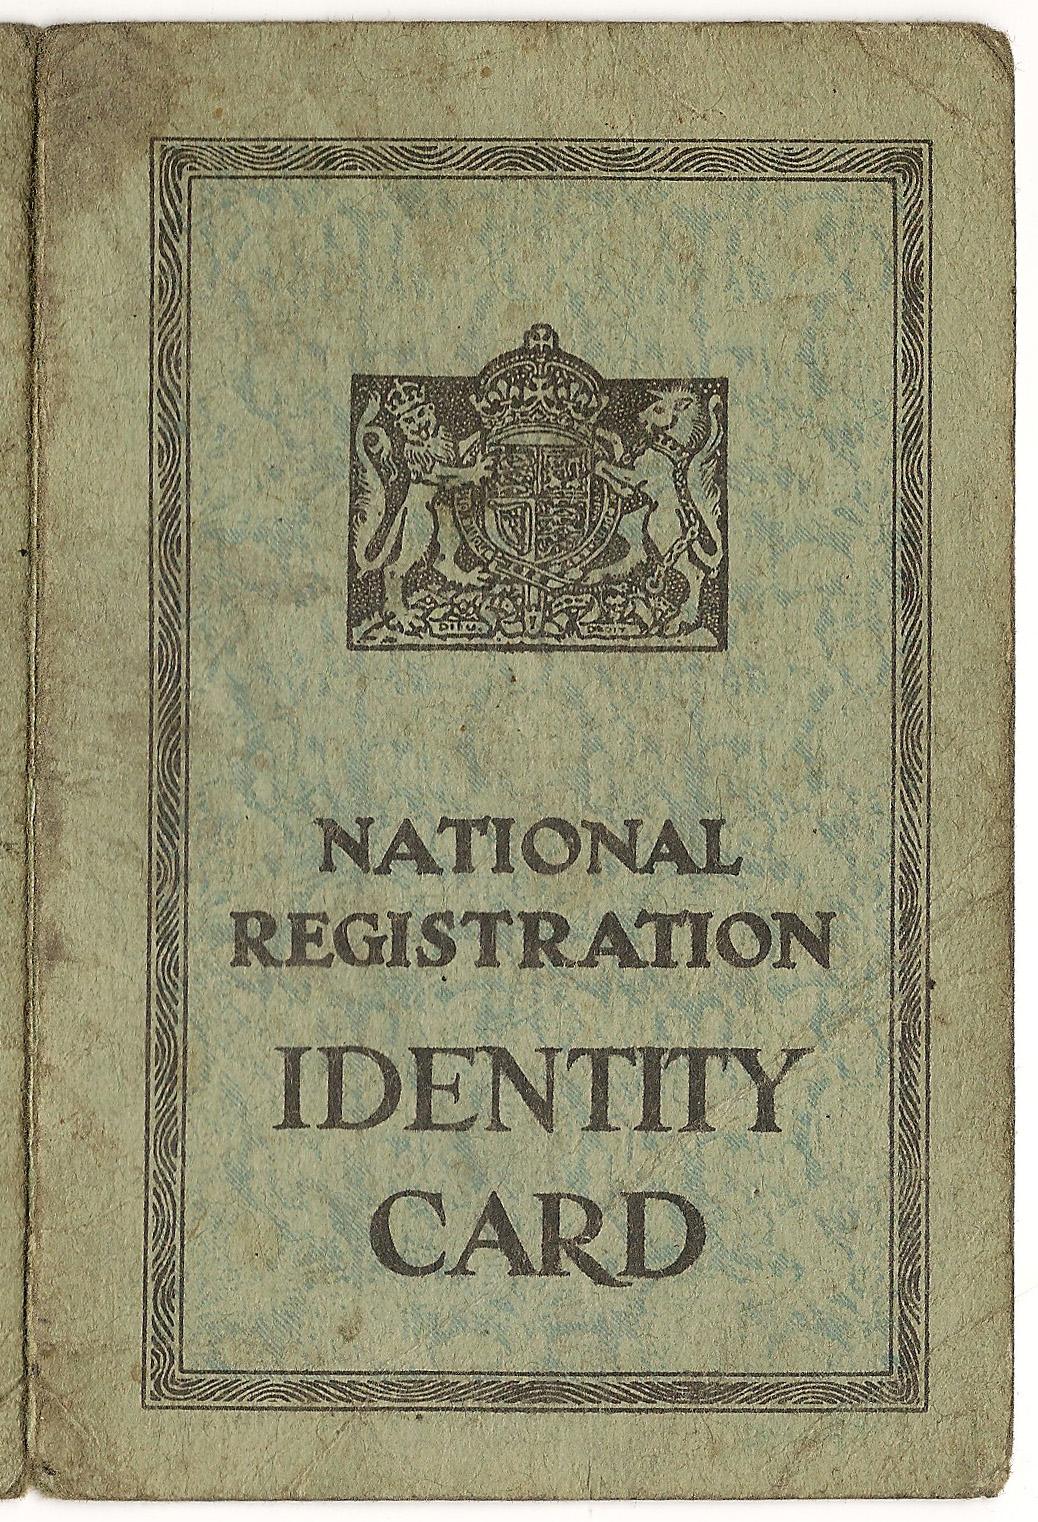 File:Id card.jpg - Wikimedia Commons